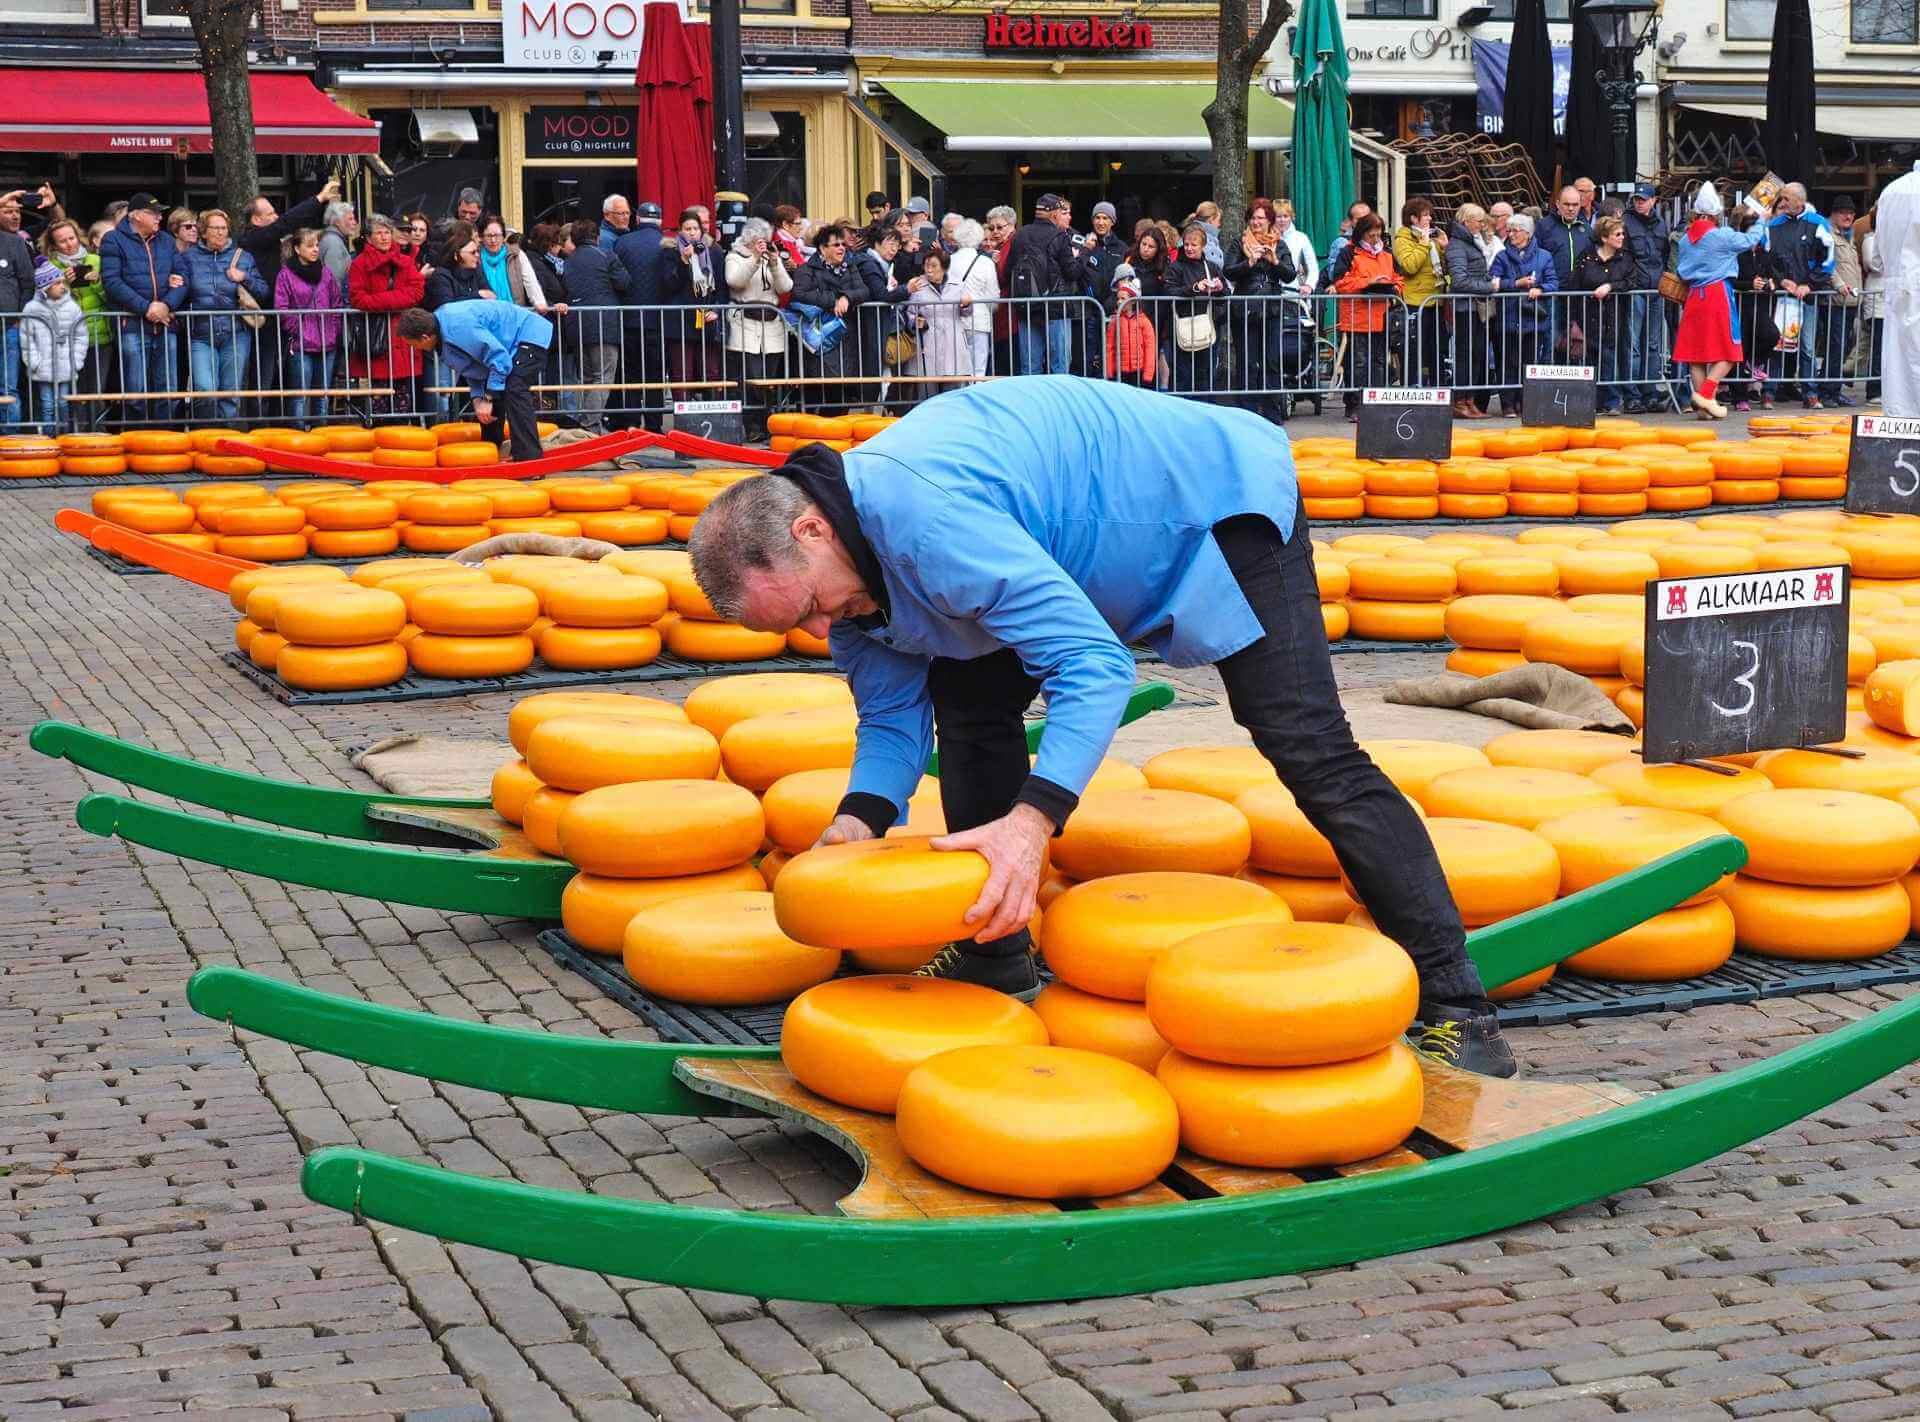 Kaasvader-controleert-de-kazen-in-Alkmaar-kaasmarkt